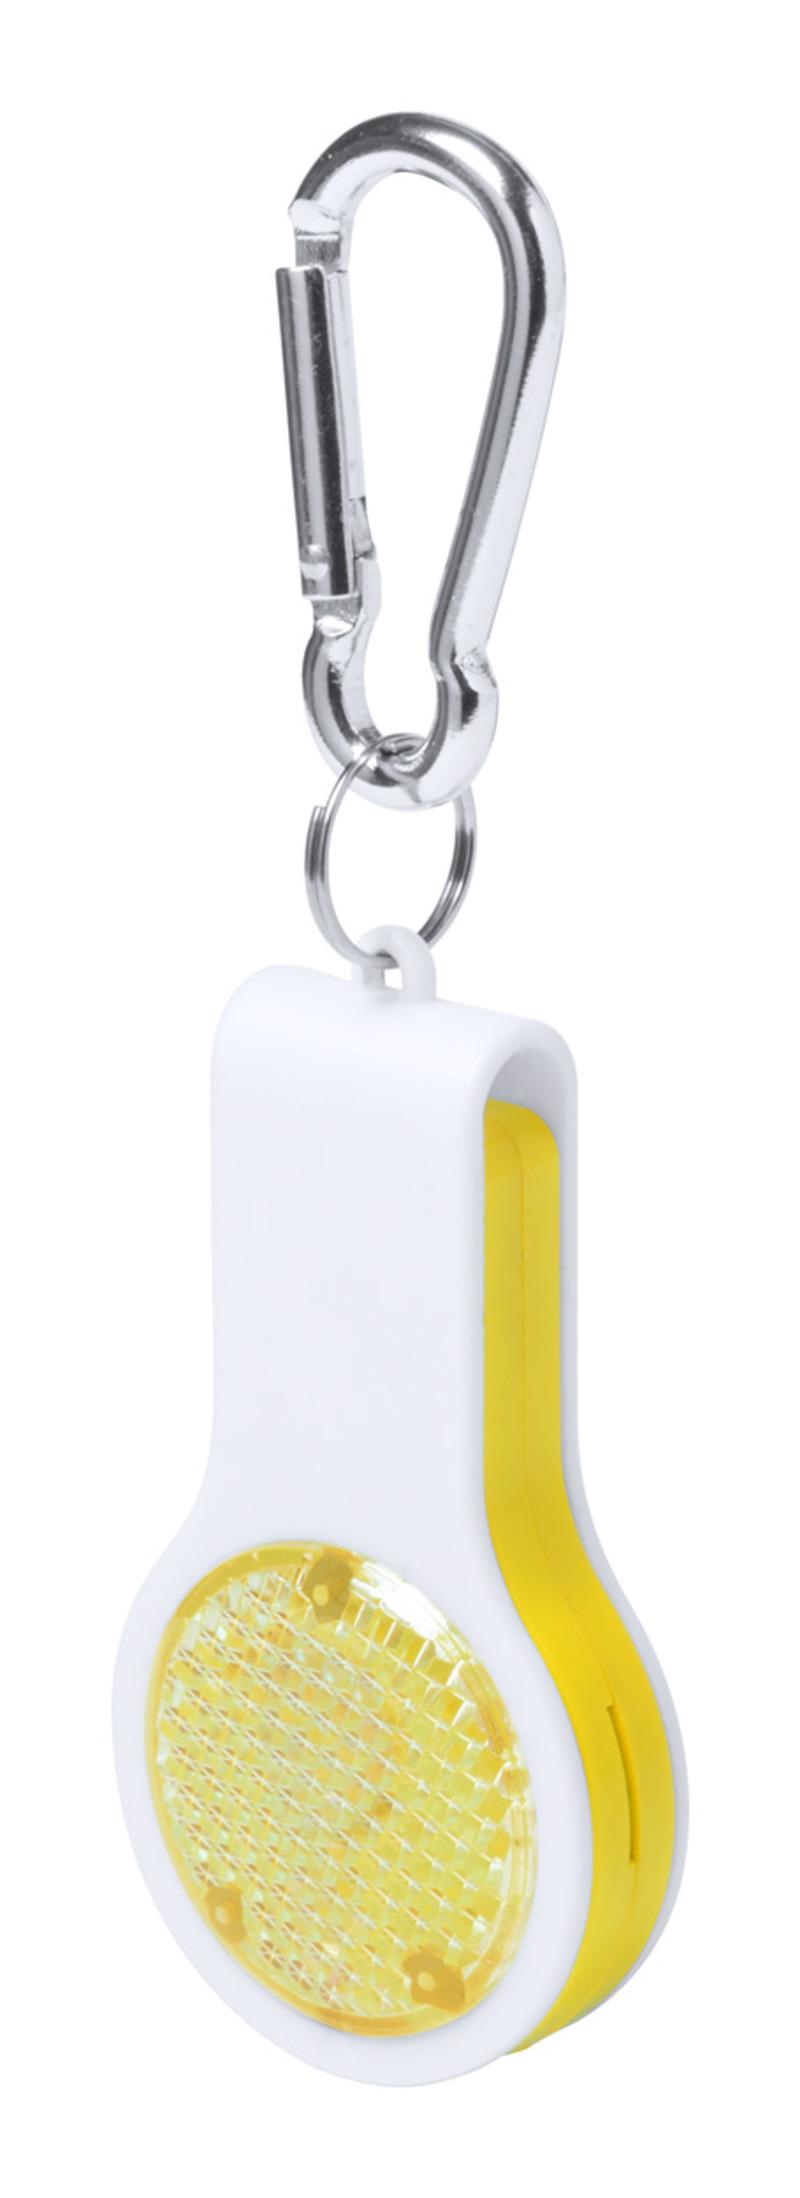 Floykin whistle